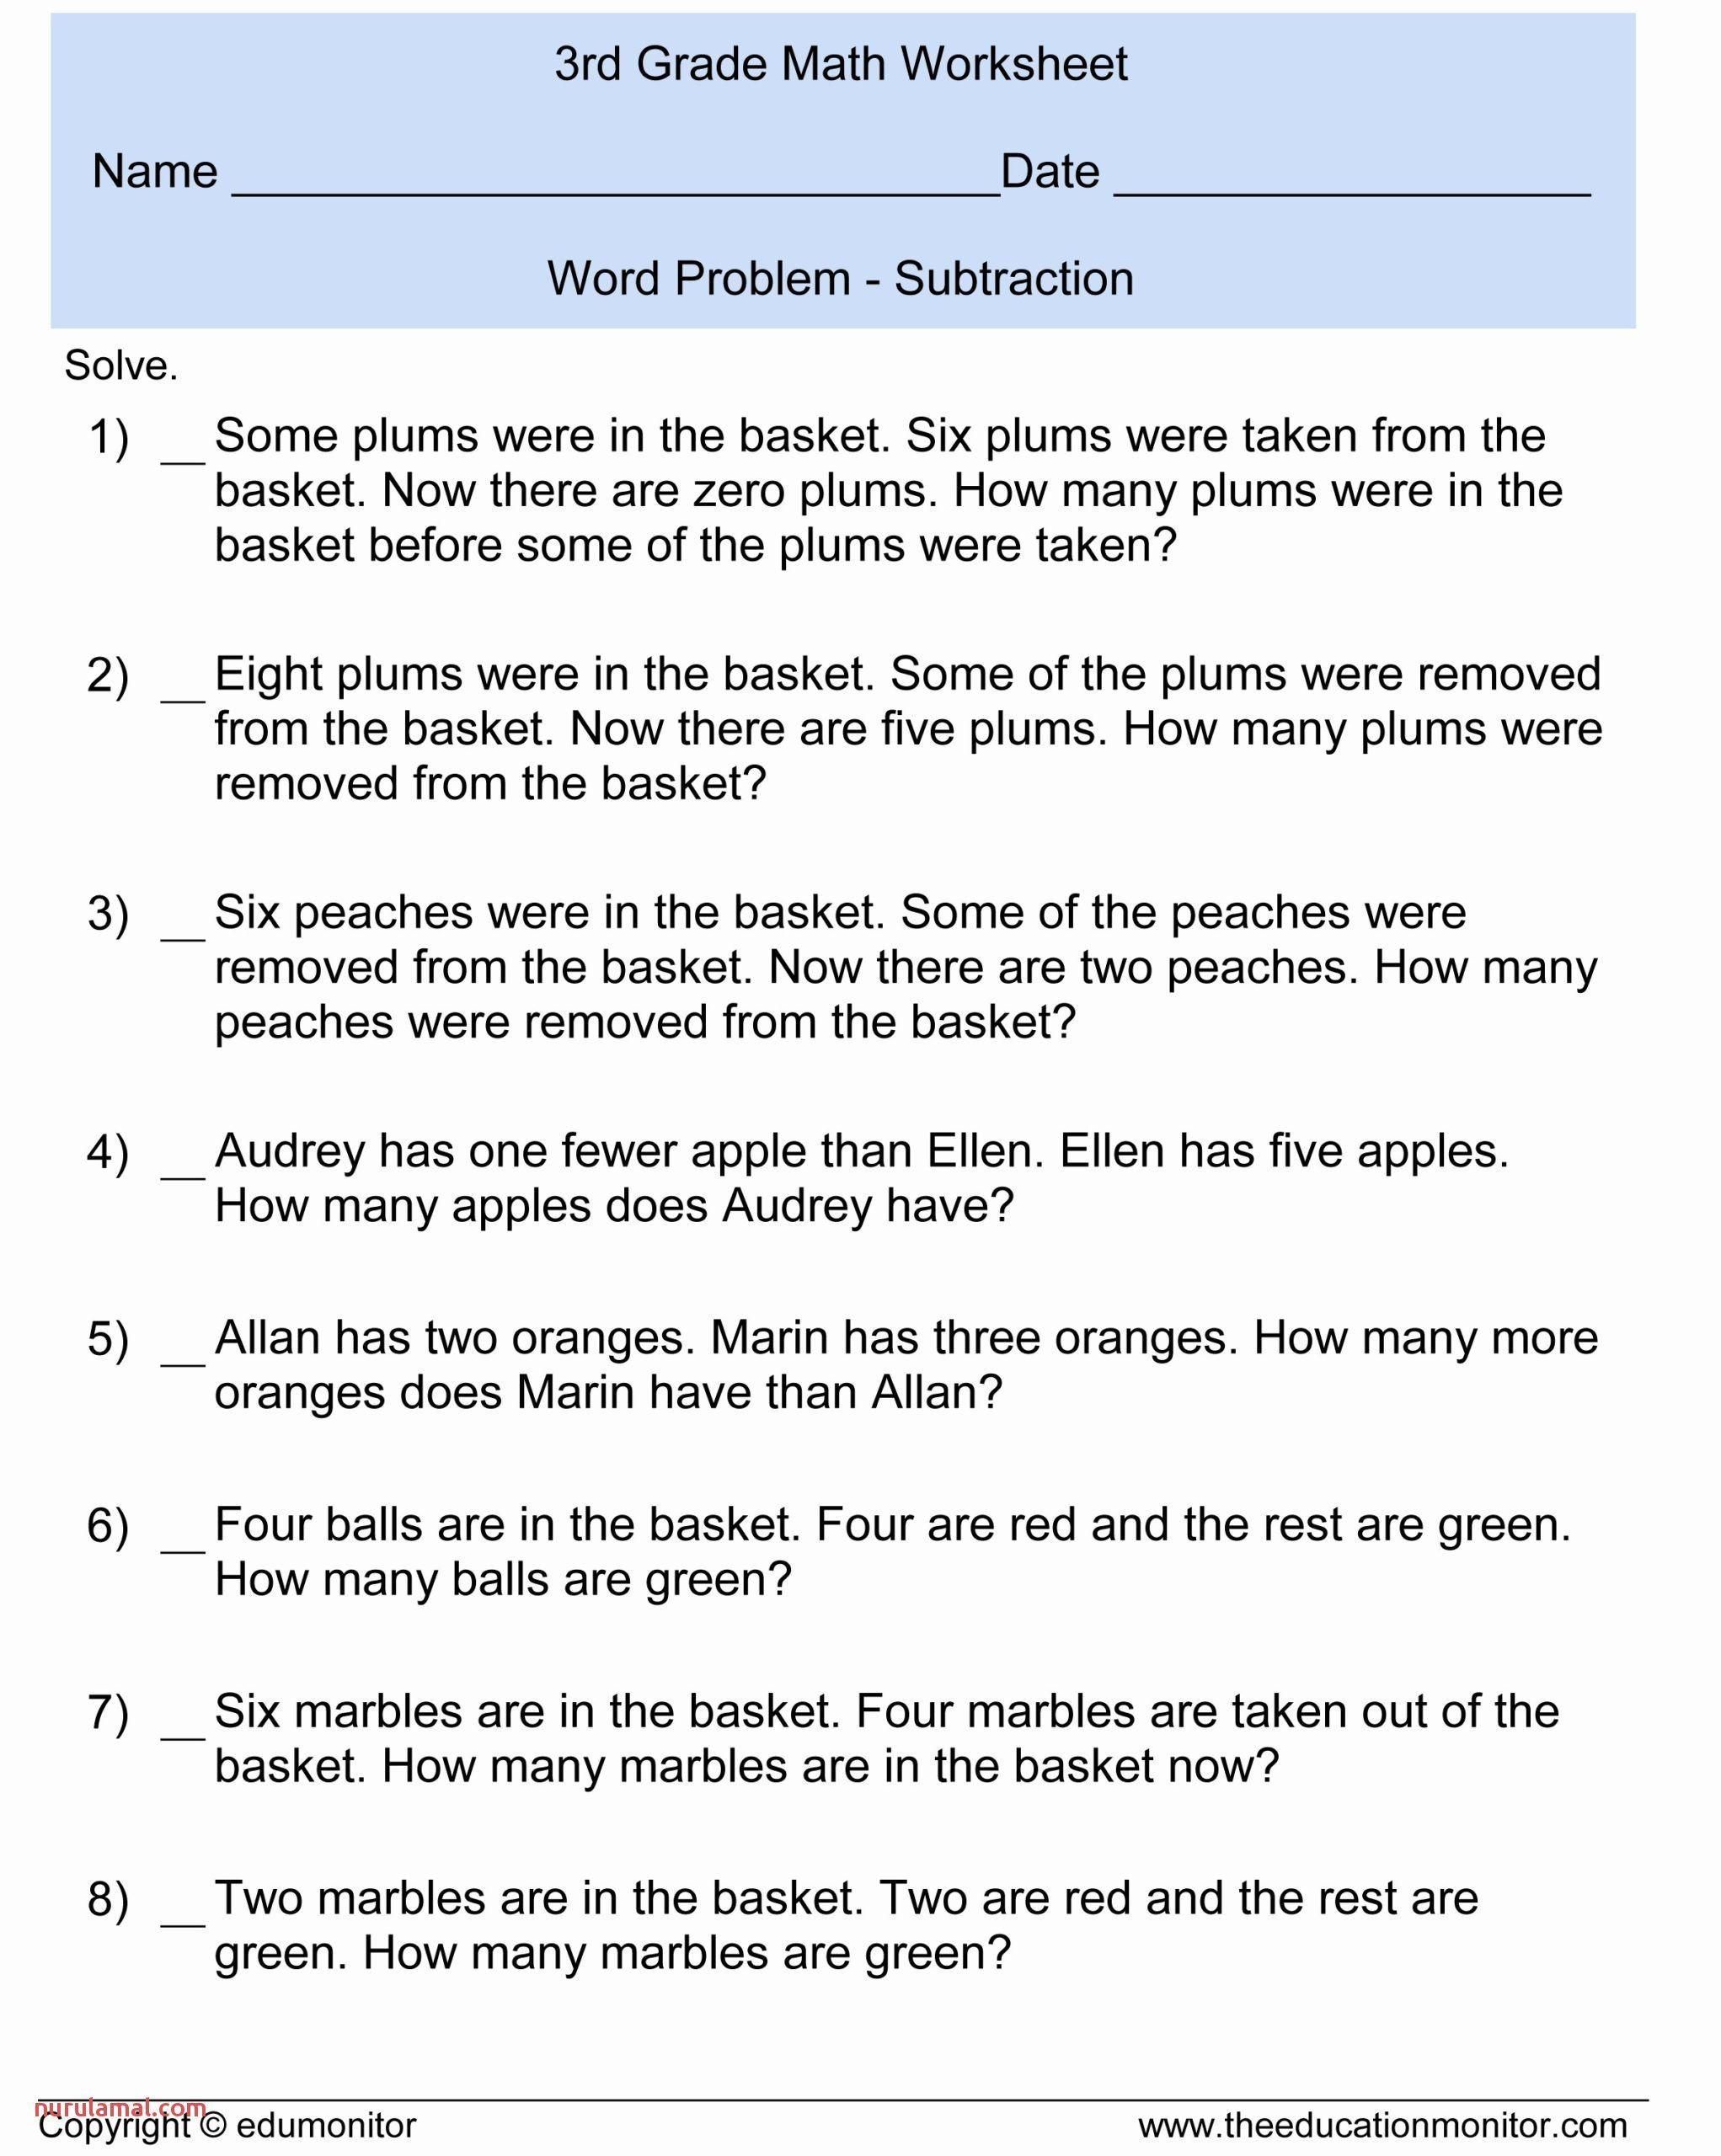 medium resolution of Math #grade #worksheets #problems 2nd grade math worksheets word problems